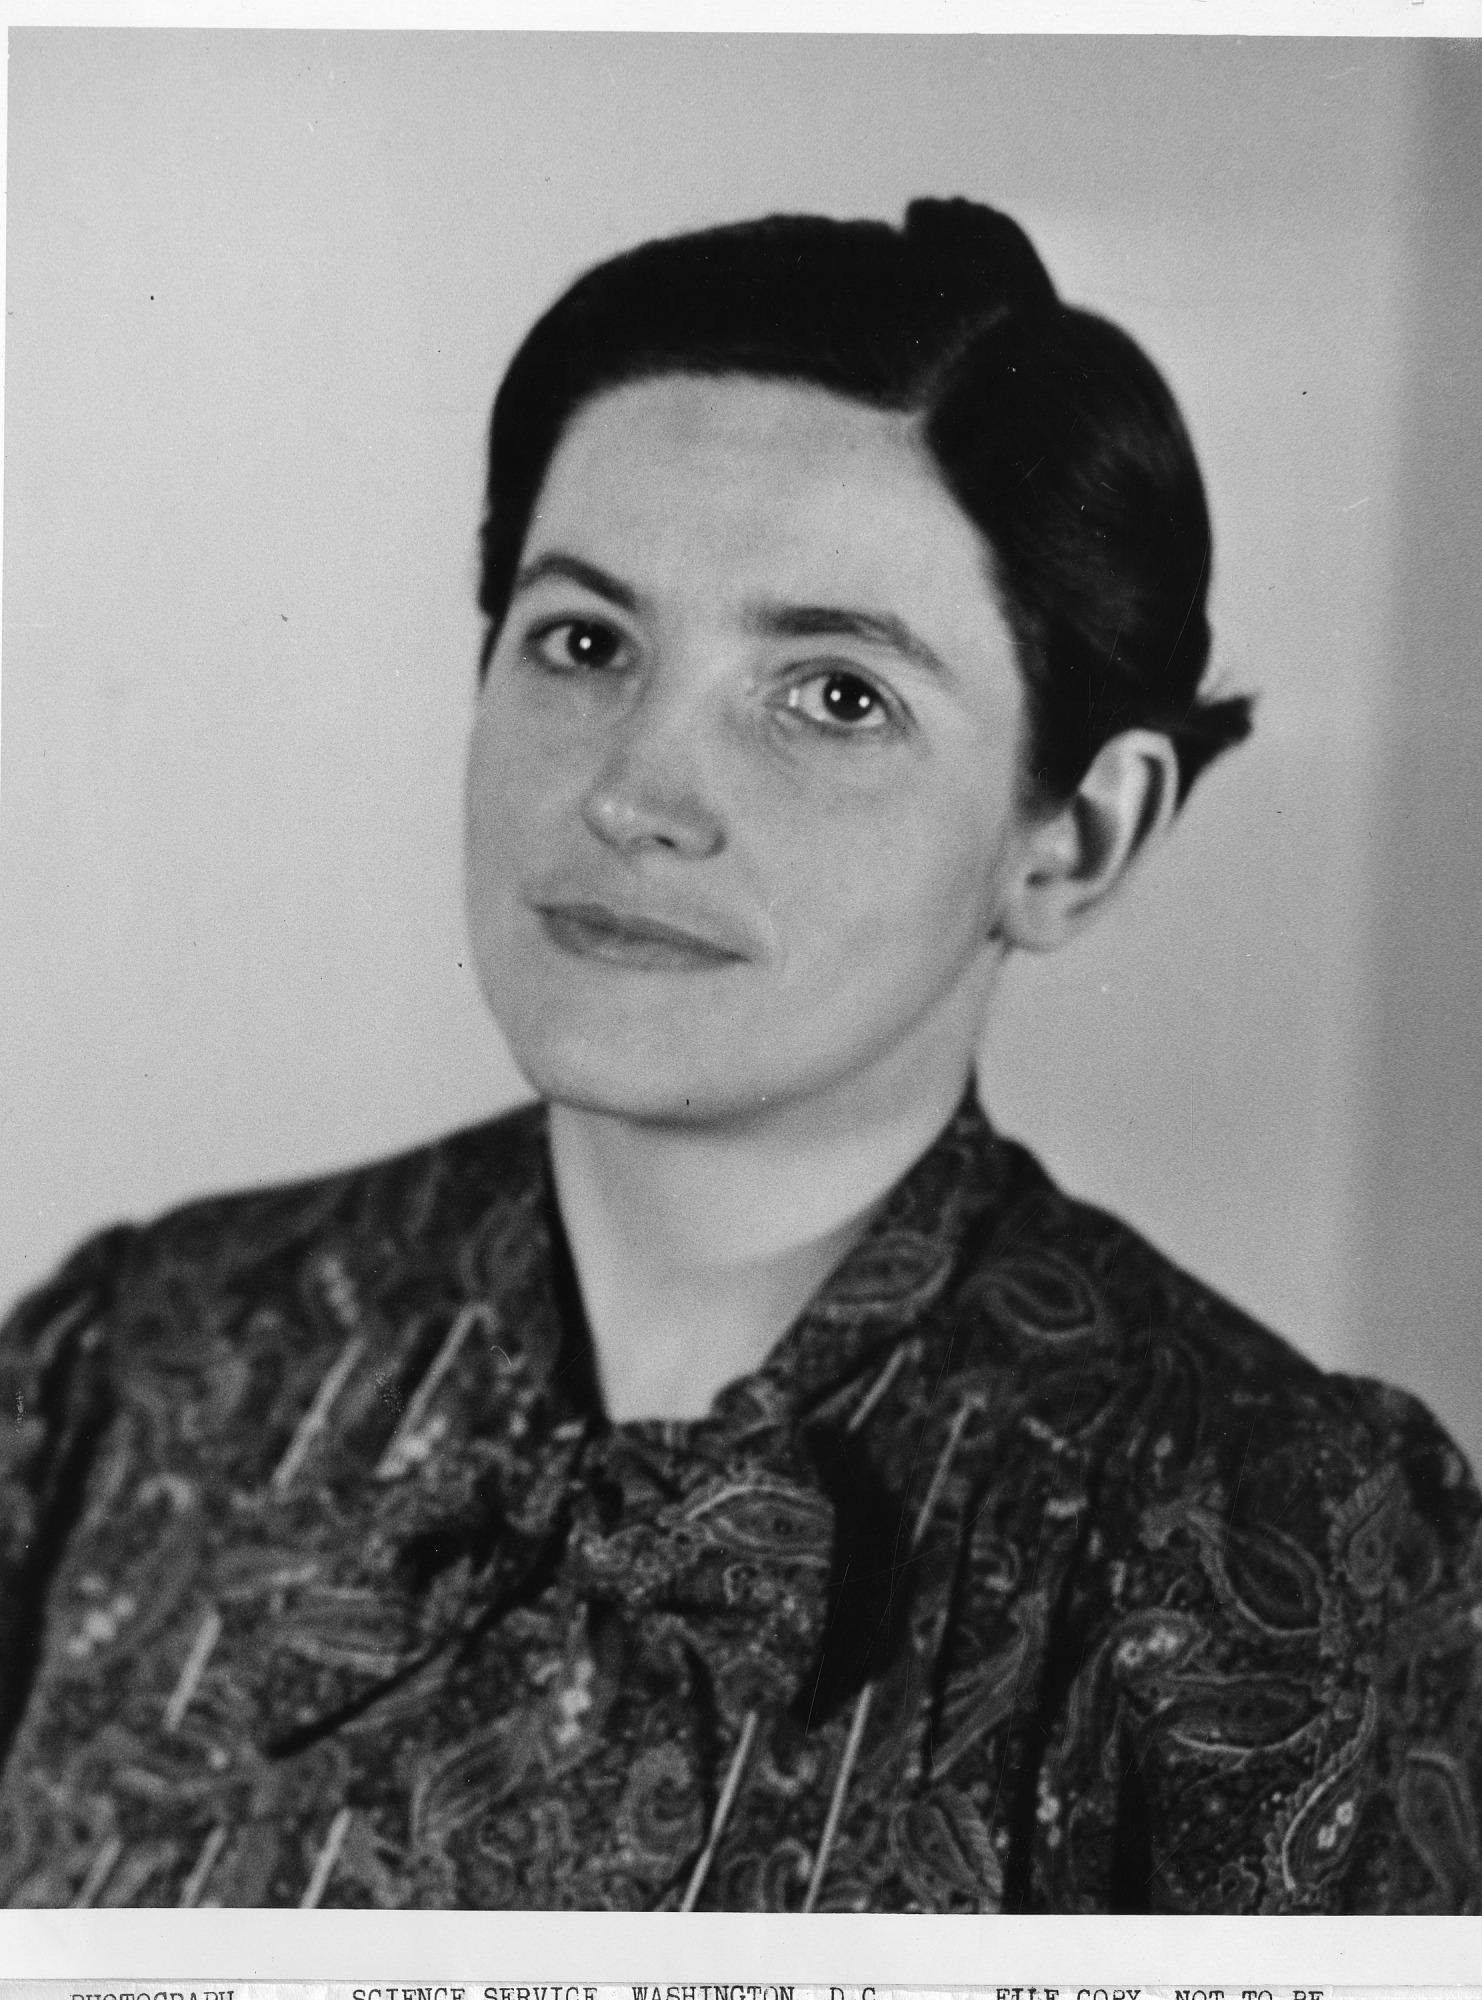 Marjorie Van de Water (1900-1962)